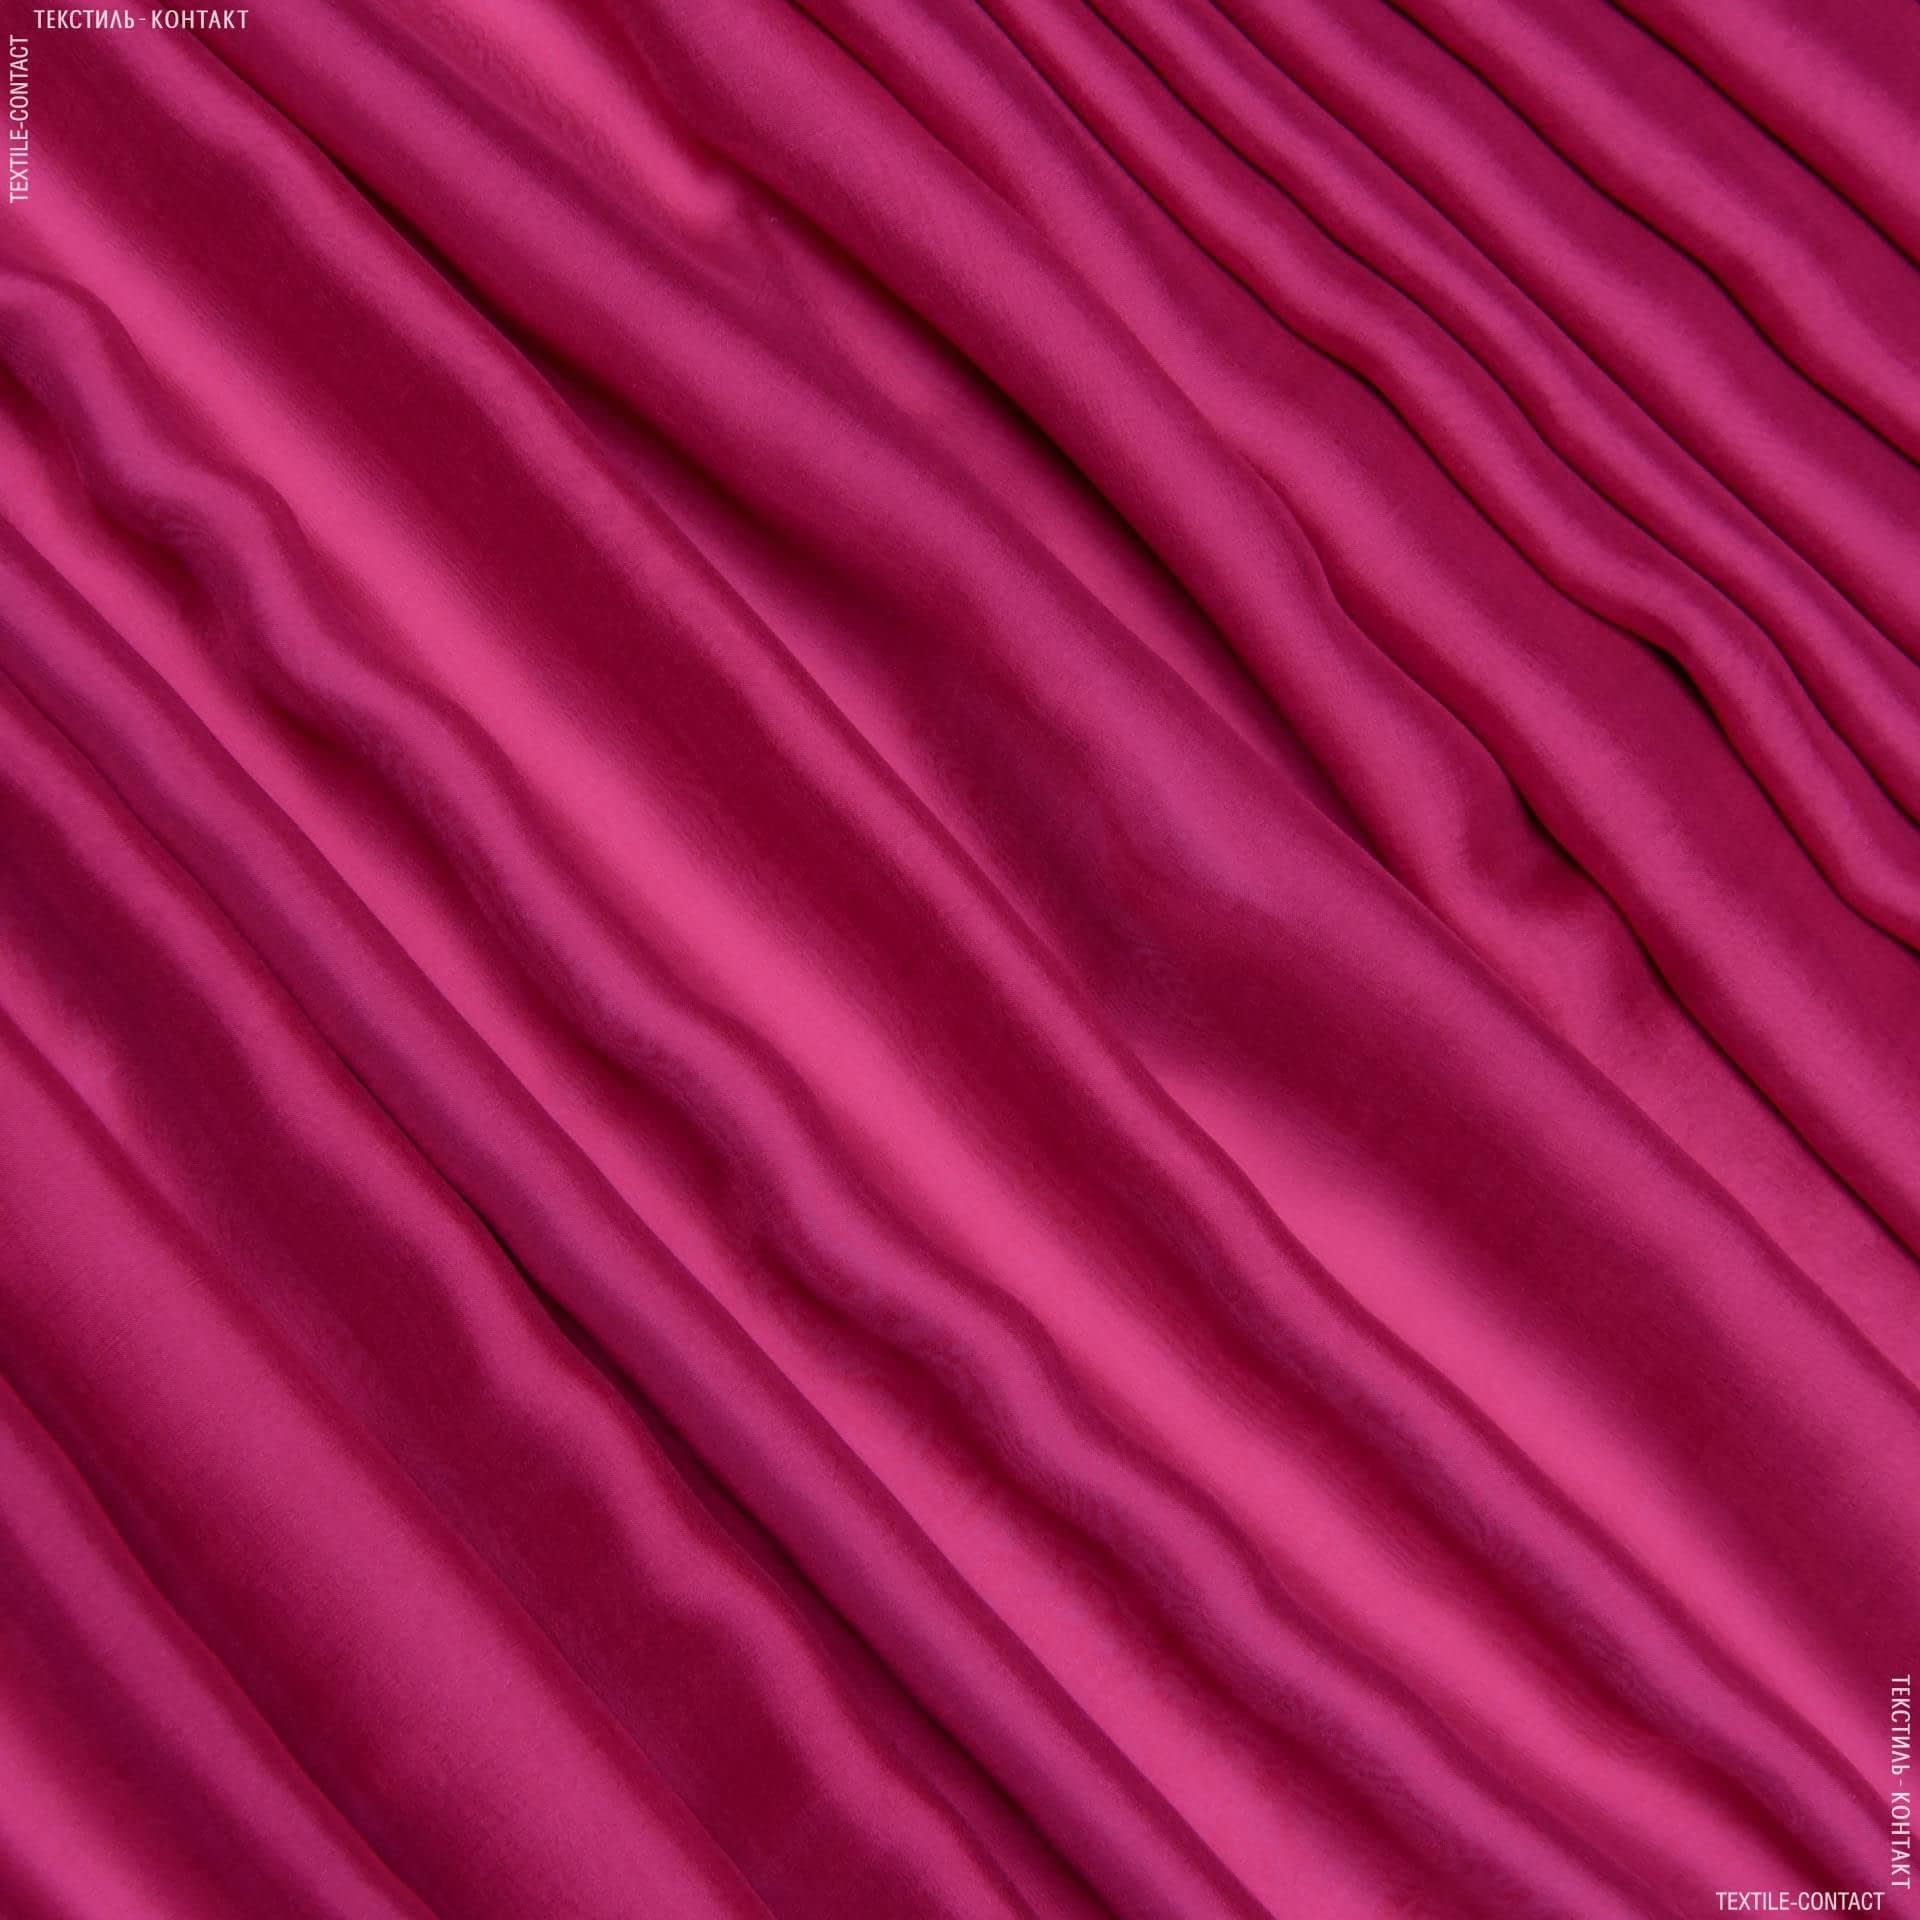 Тканини для хусток та бандан - Шифон-шовк натуральний вишневий